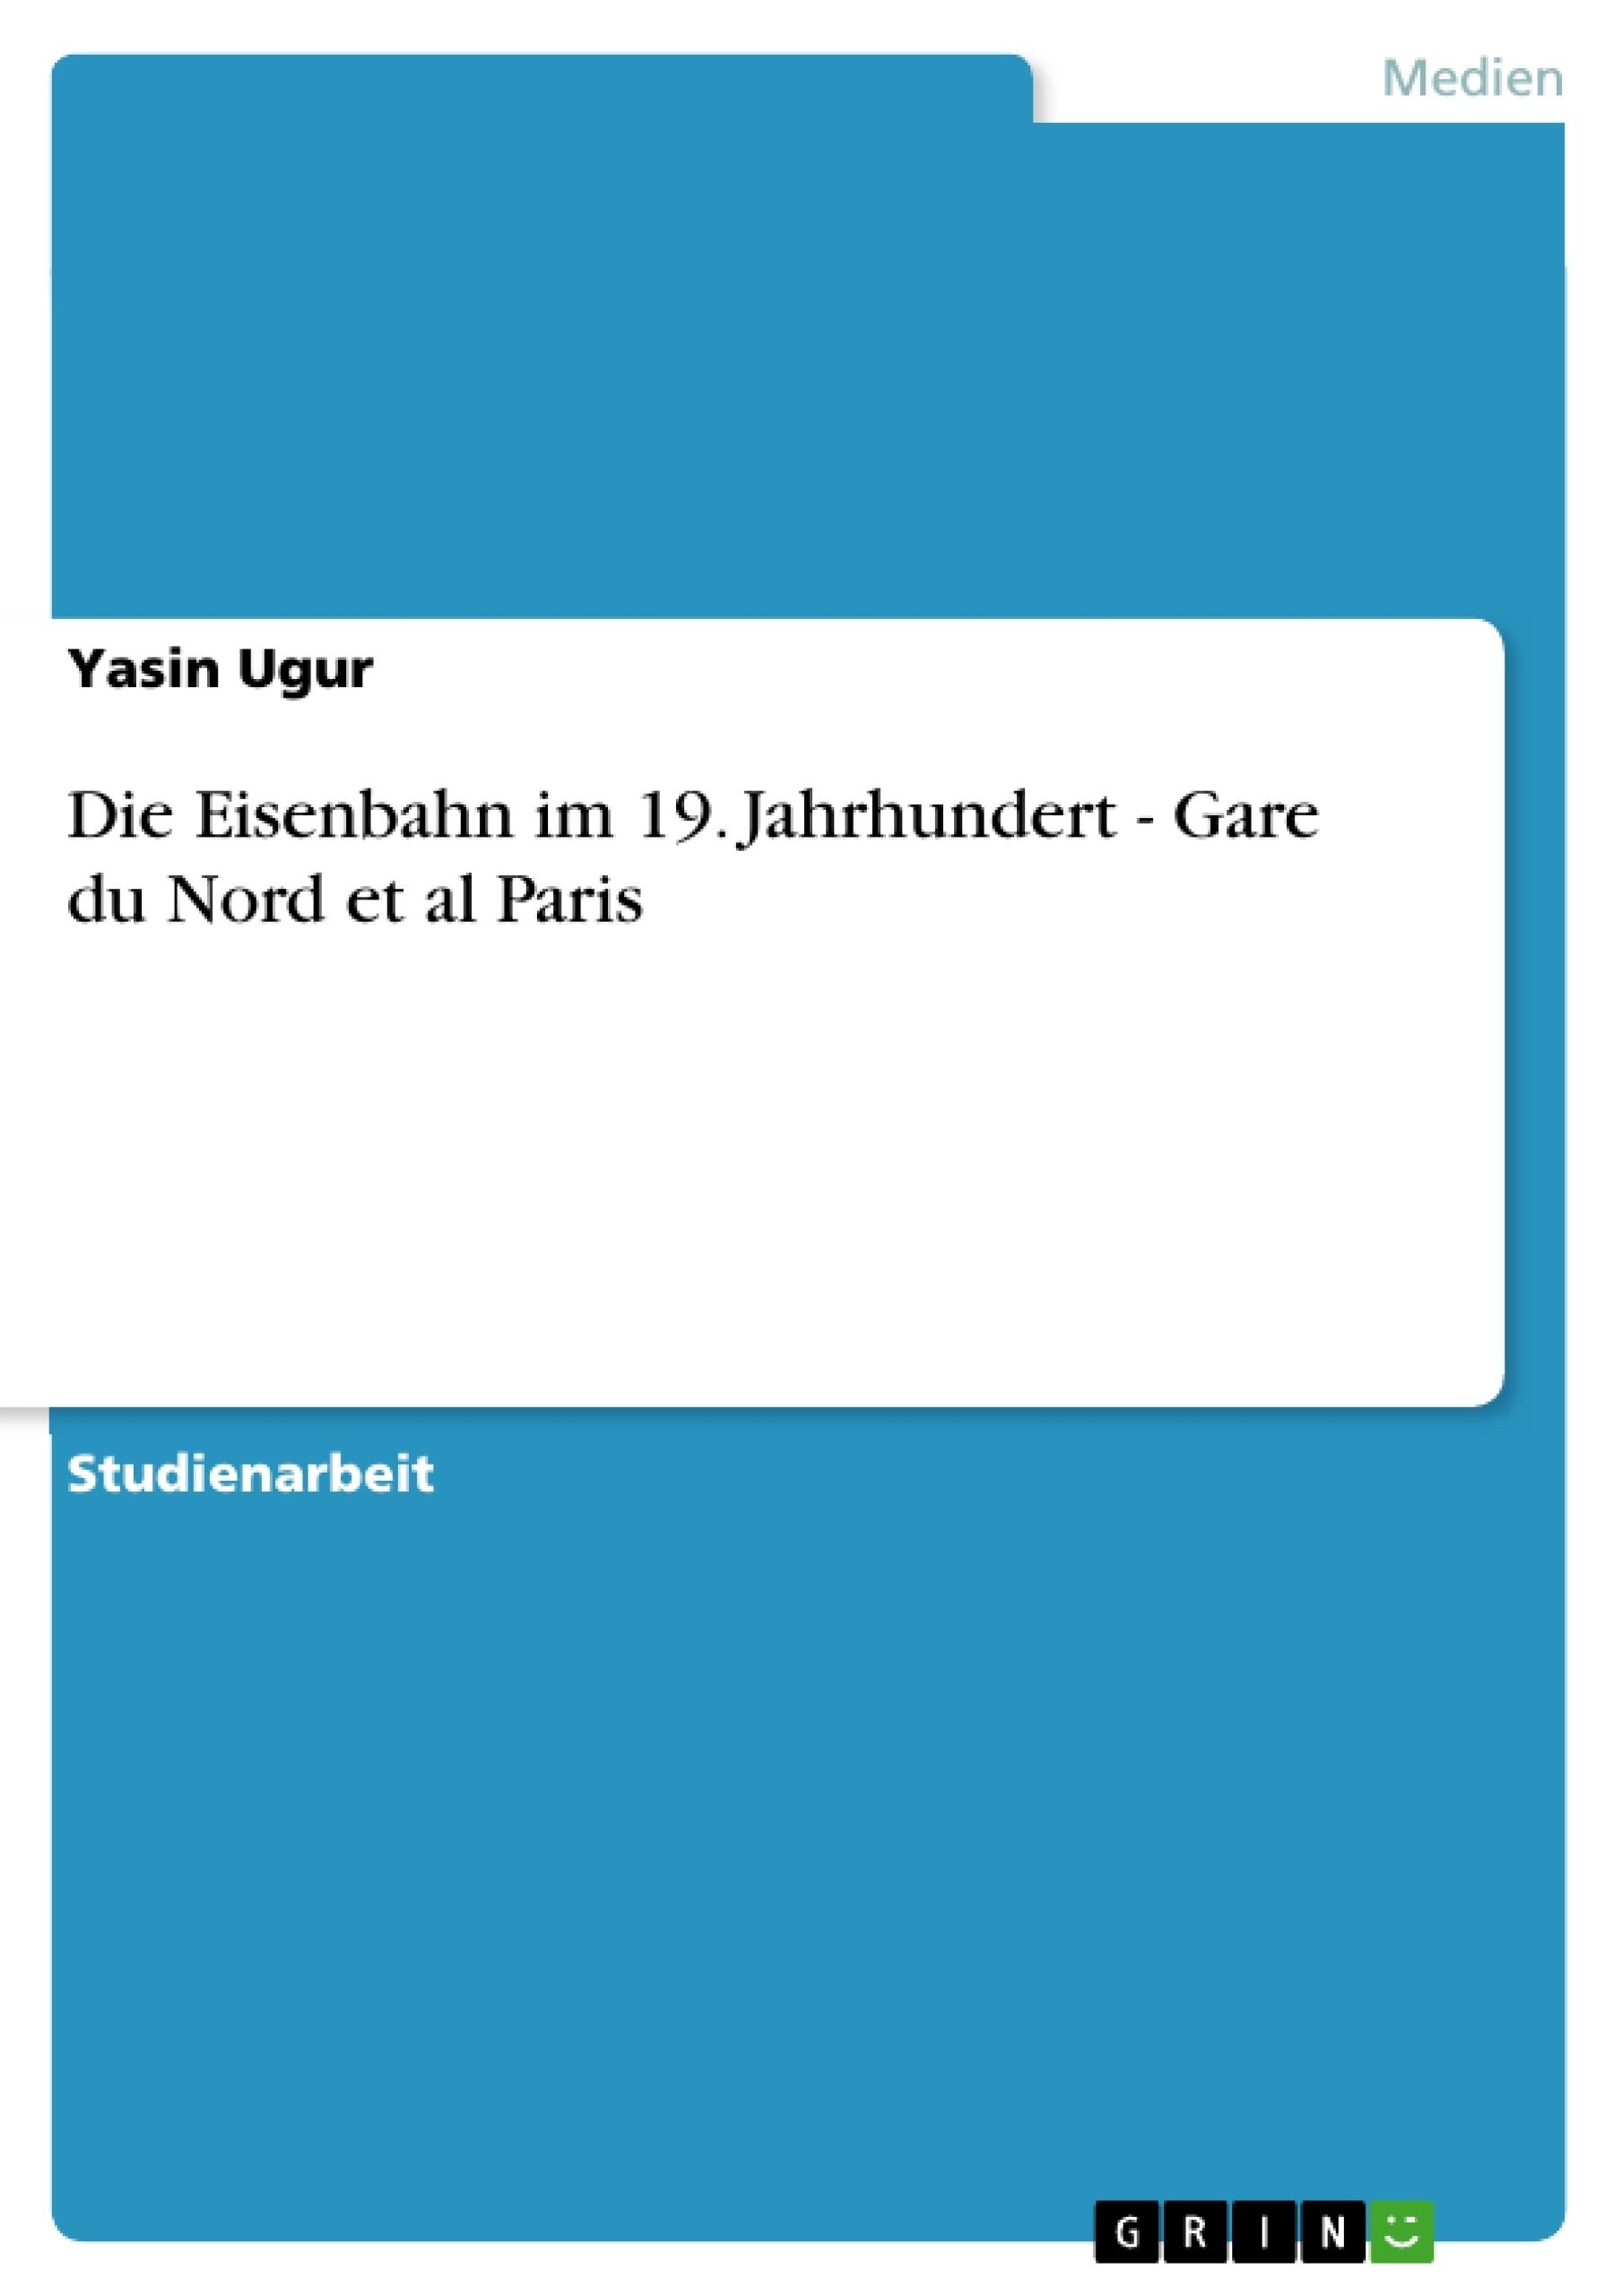 Titel: Die Eisenbahn im 19. Jahrhundert - Gare du Nord et al Paris